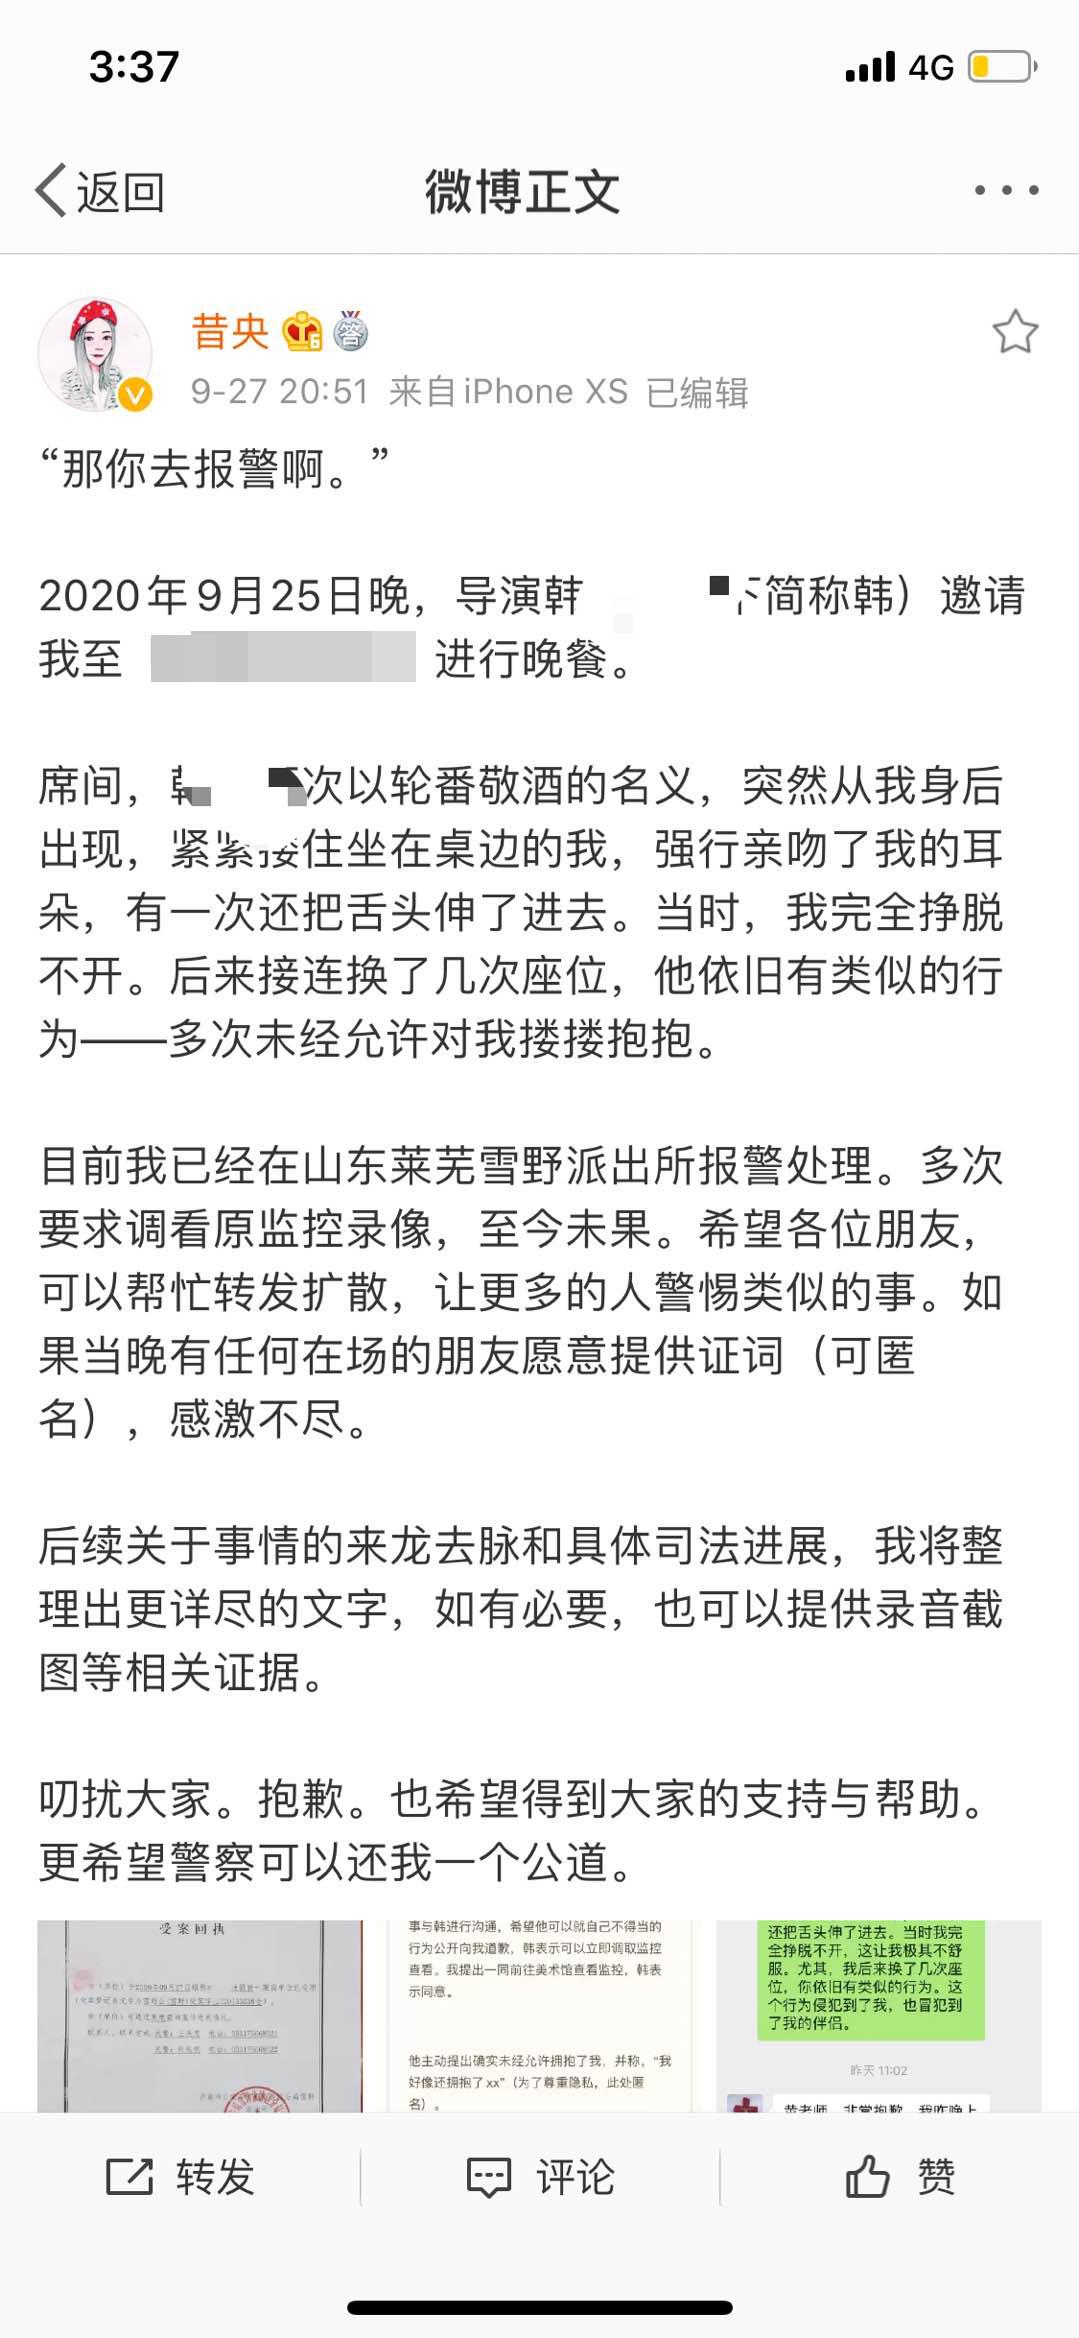 """微博认证为作家的用户""""昔央""""发微博称遭韩姓导演性骚扰。 微博截图"""